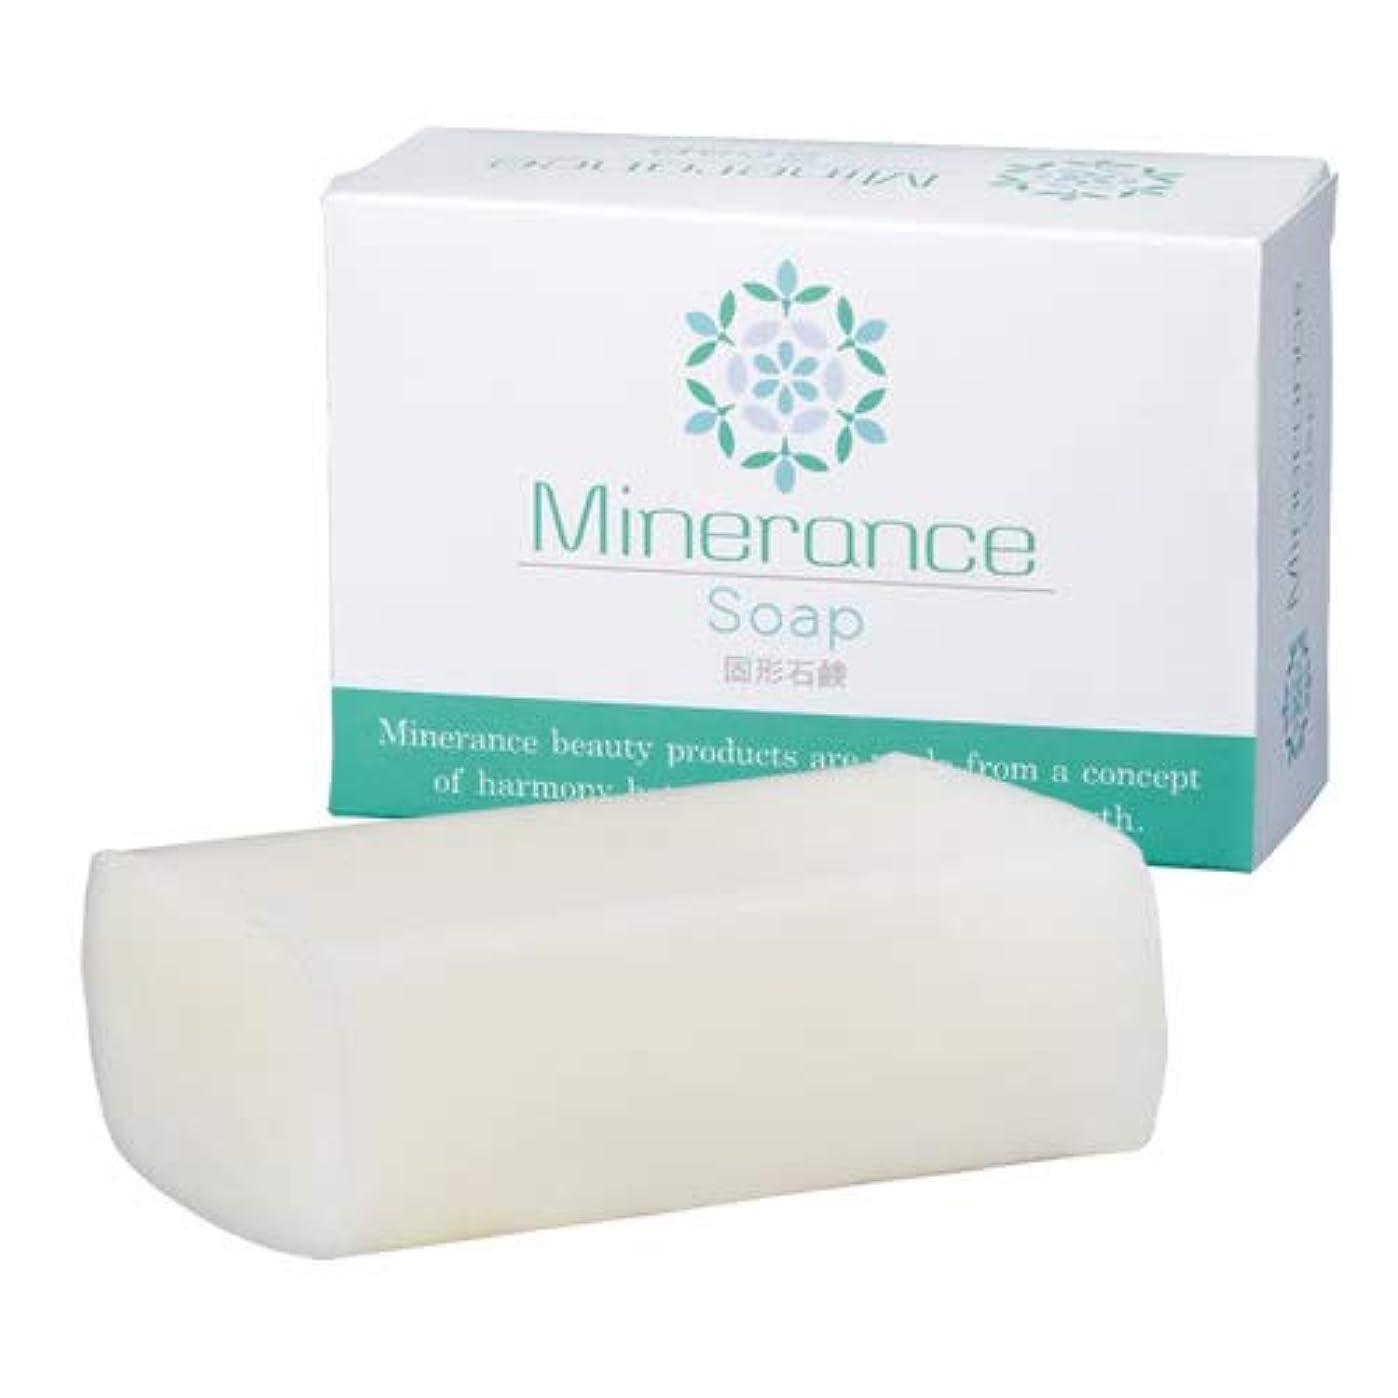 パース格納一方、ミネランス ソープ 固形 石鹸 90g